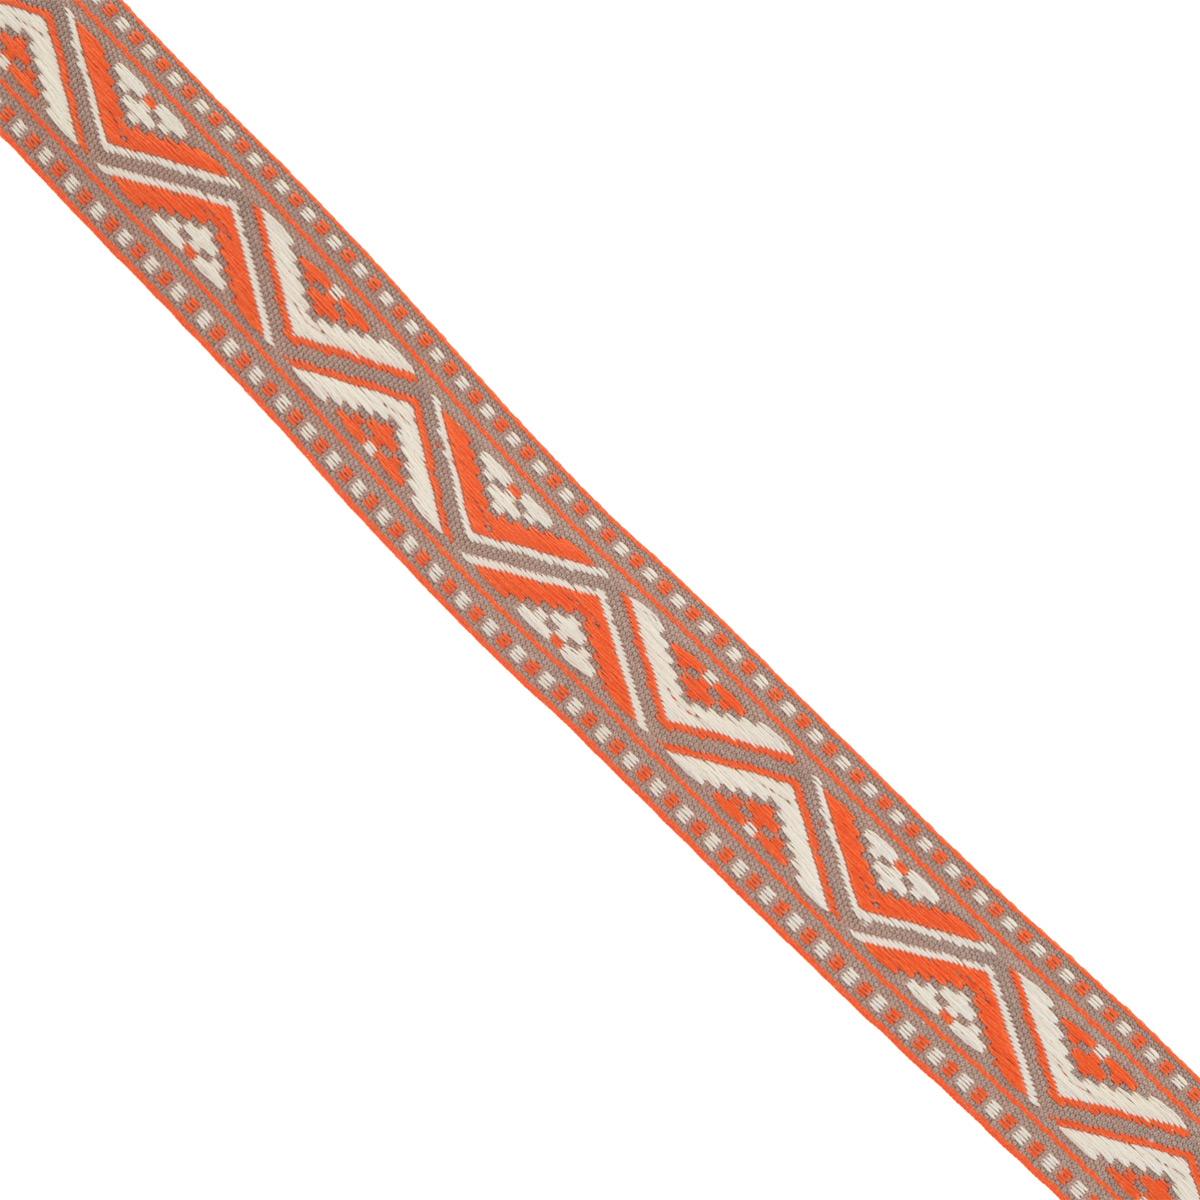 Тесьма декоративная Астра, цвет: красный (1), ширина 2 см, длина 16,4 м. 77032727703272_1Декоративная тесьма Астра выполнена из текстиля и оформлена оригинальным орнаментом. Такая тесьма идеально подойдет для оформления различных творческих работ таких, как скрапбукинг, аппликация, декор коробок и открыток и многое другое. Тесьма наивысшего качества и практична в использовании. Она станет незаменимым элементом в создании рукотворного шедевра. Ширина: 2 см. Длина: 16,4 м.